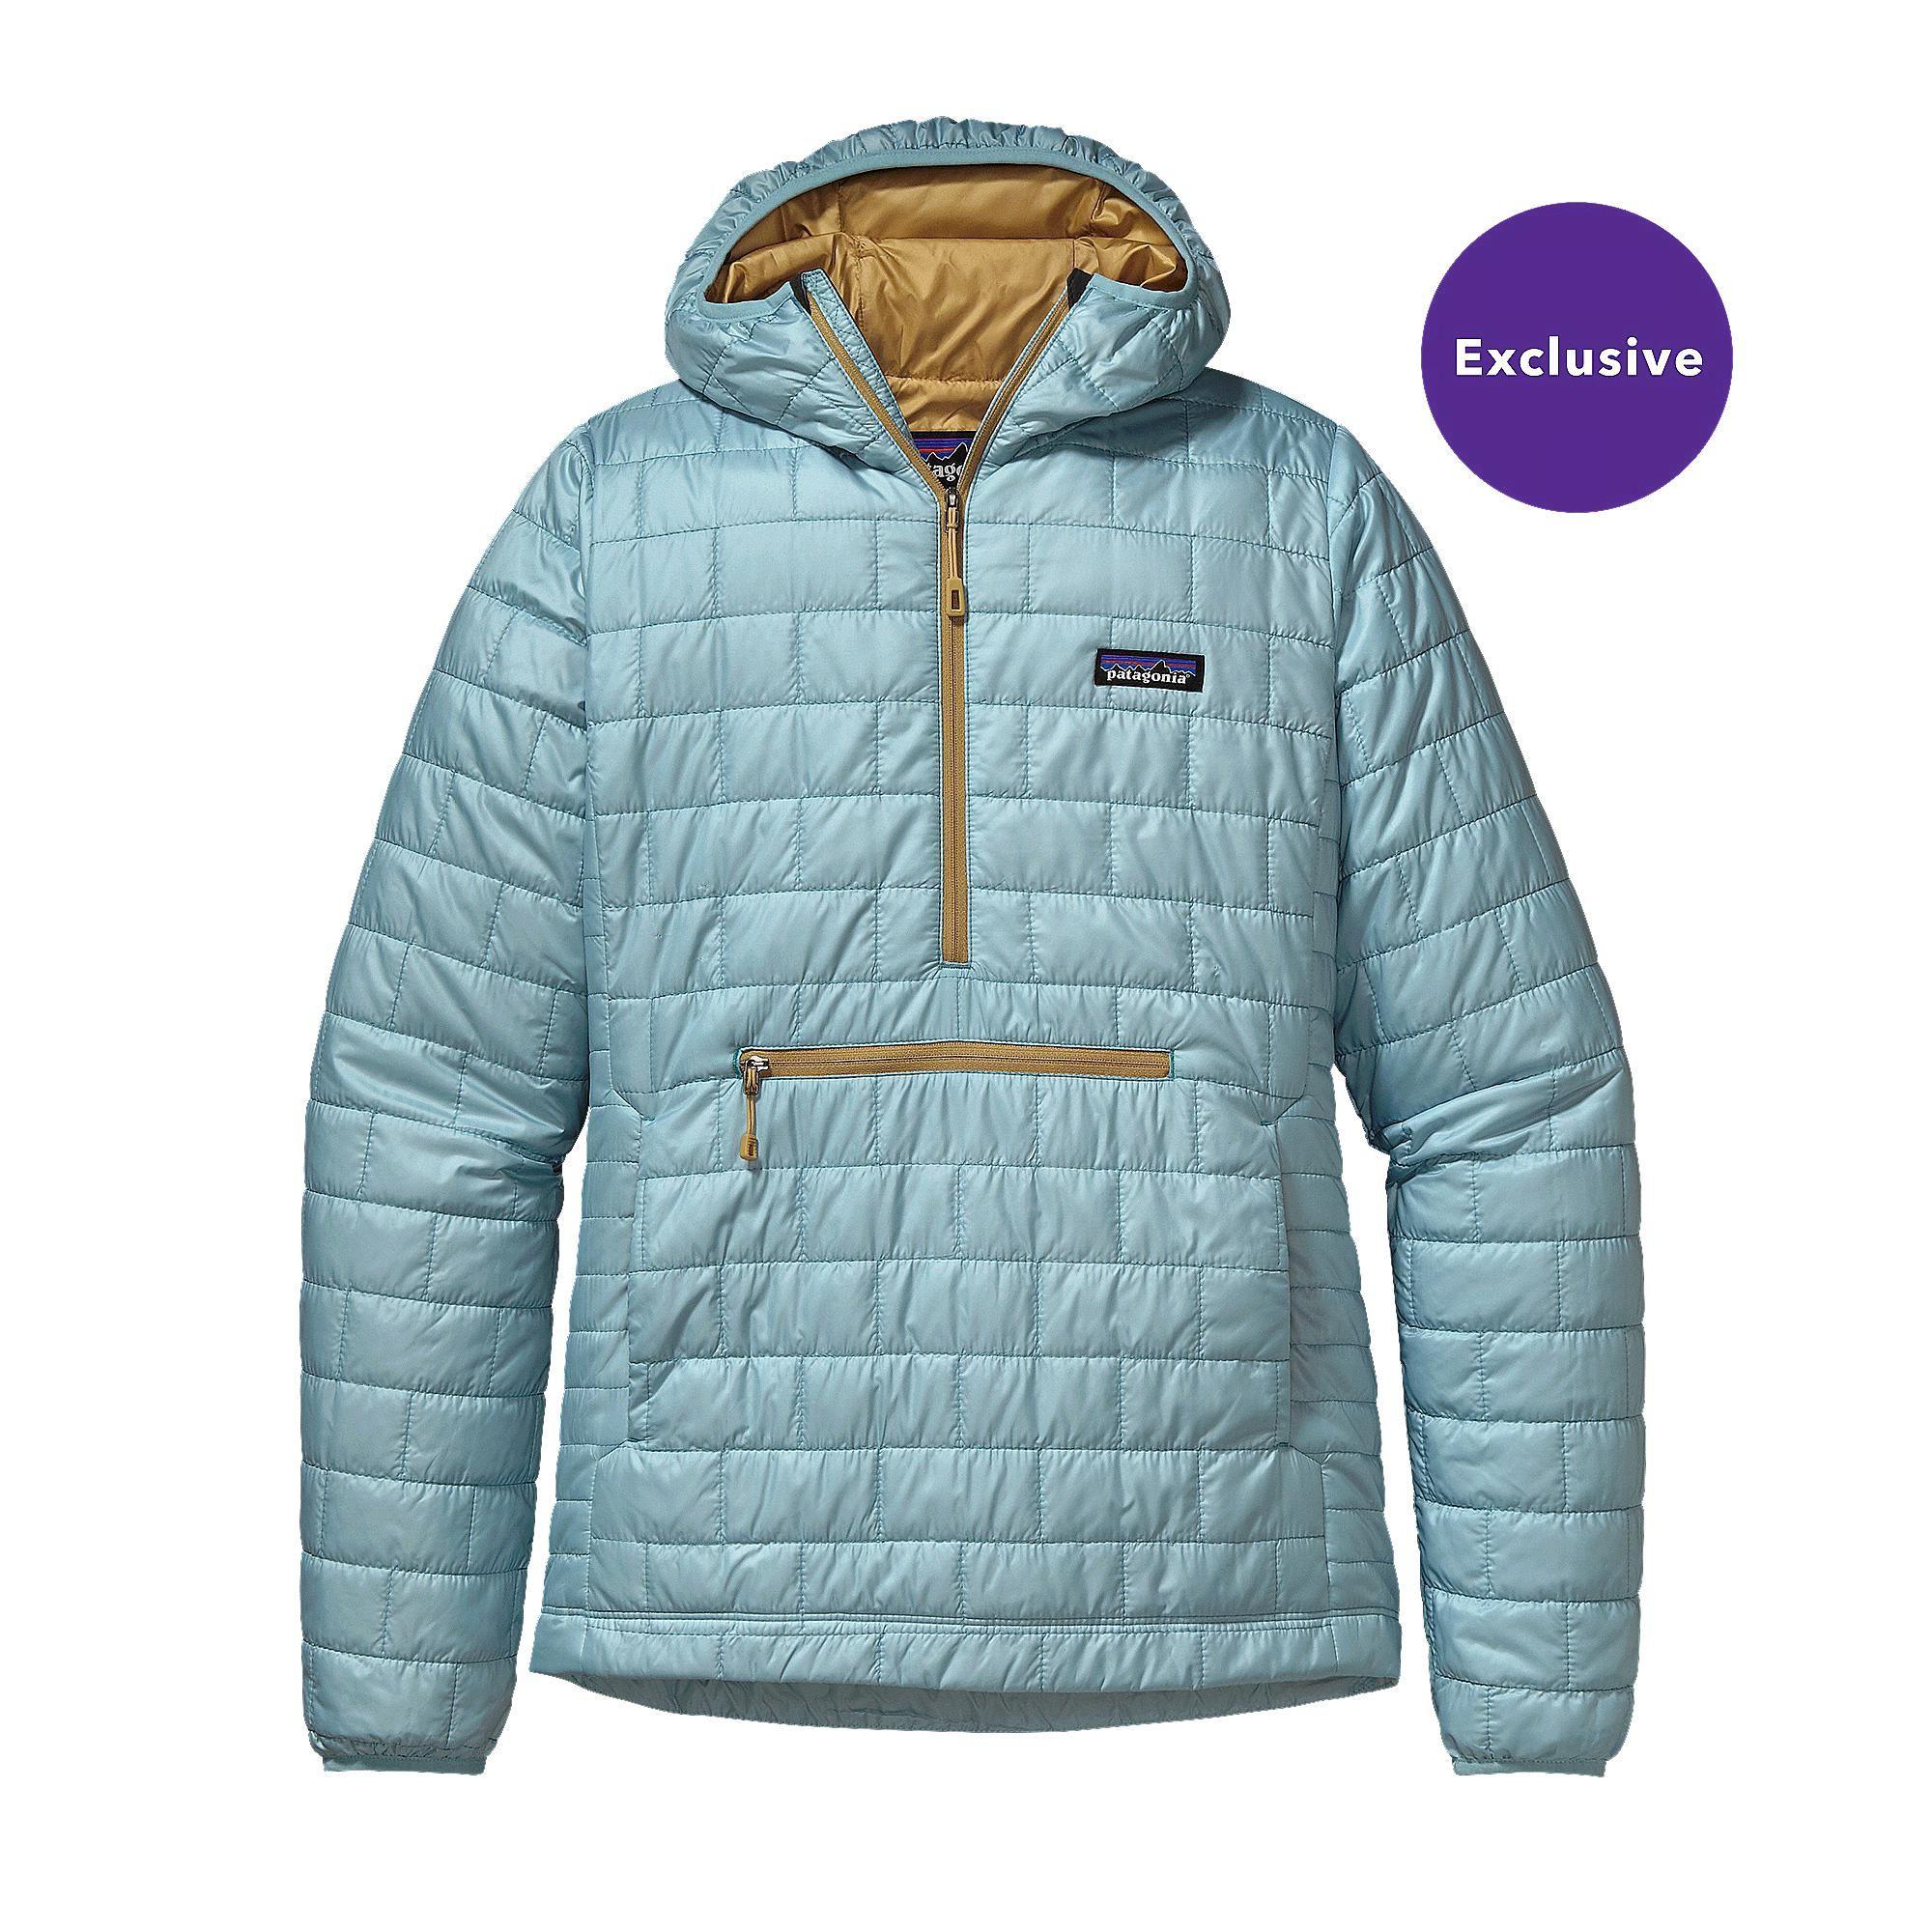 Patagonia women's work jacket